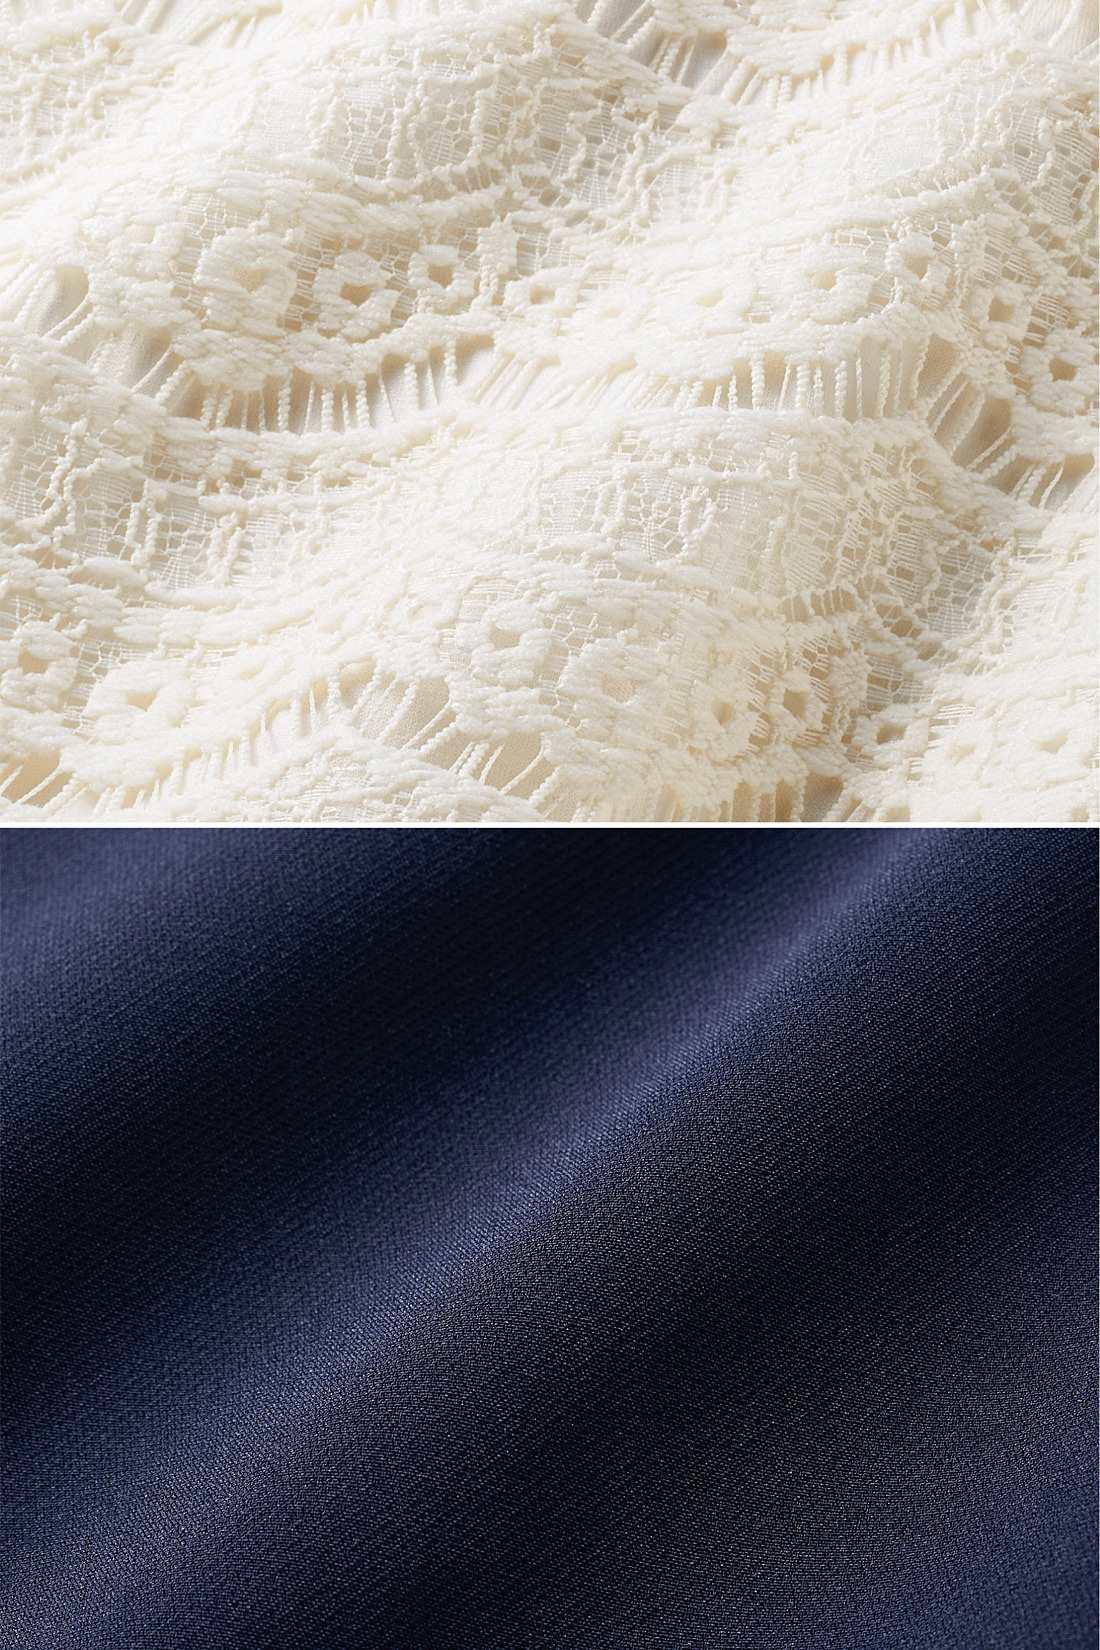 トップスは大人っぽく華やかなレース。スカート部分はダブルクロス素材で透けの心配もなし。